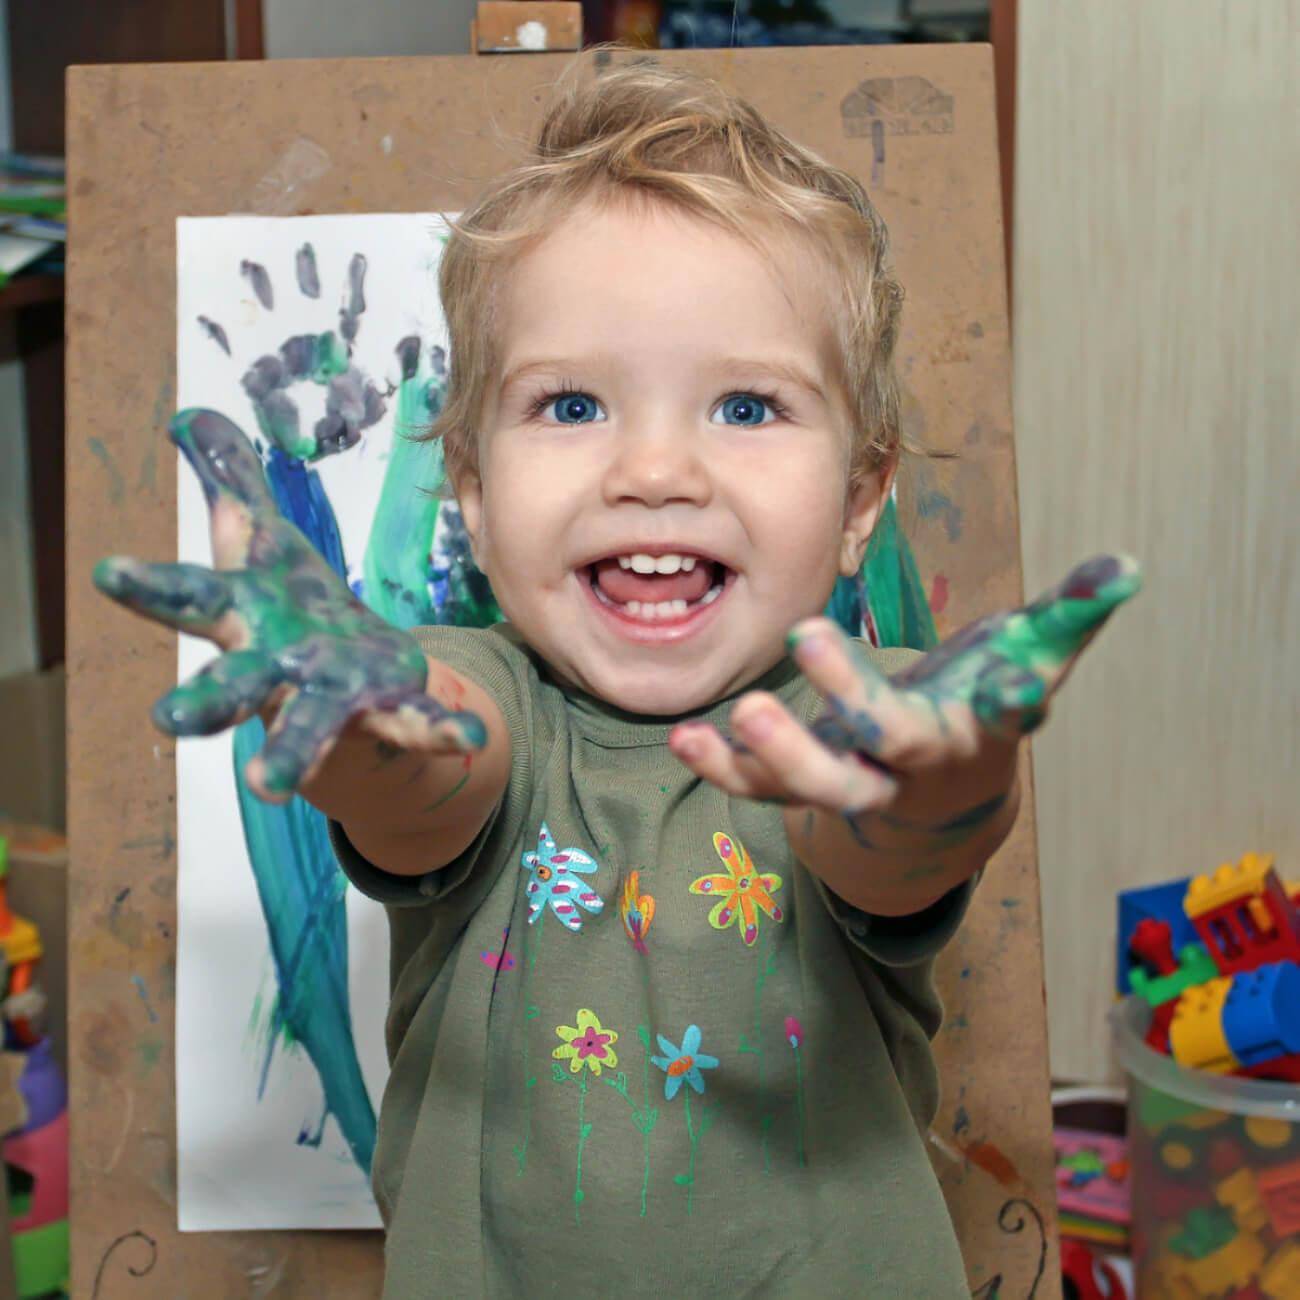 Niño con las manos llenas de pintura.